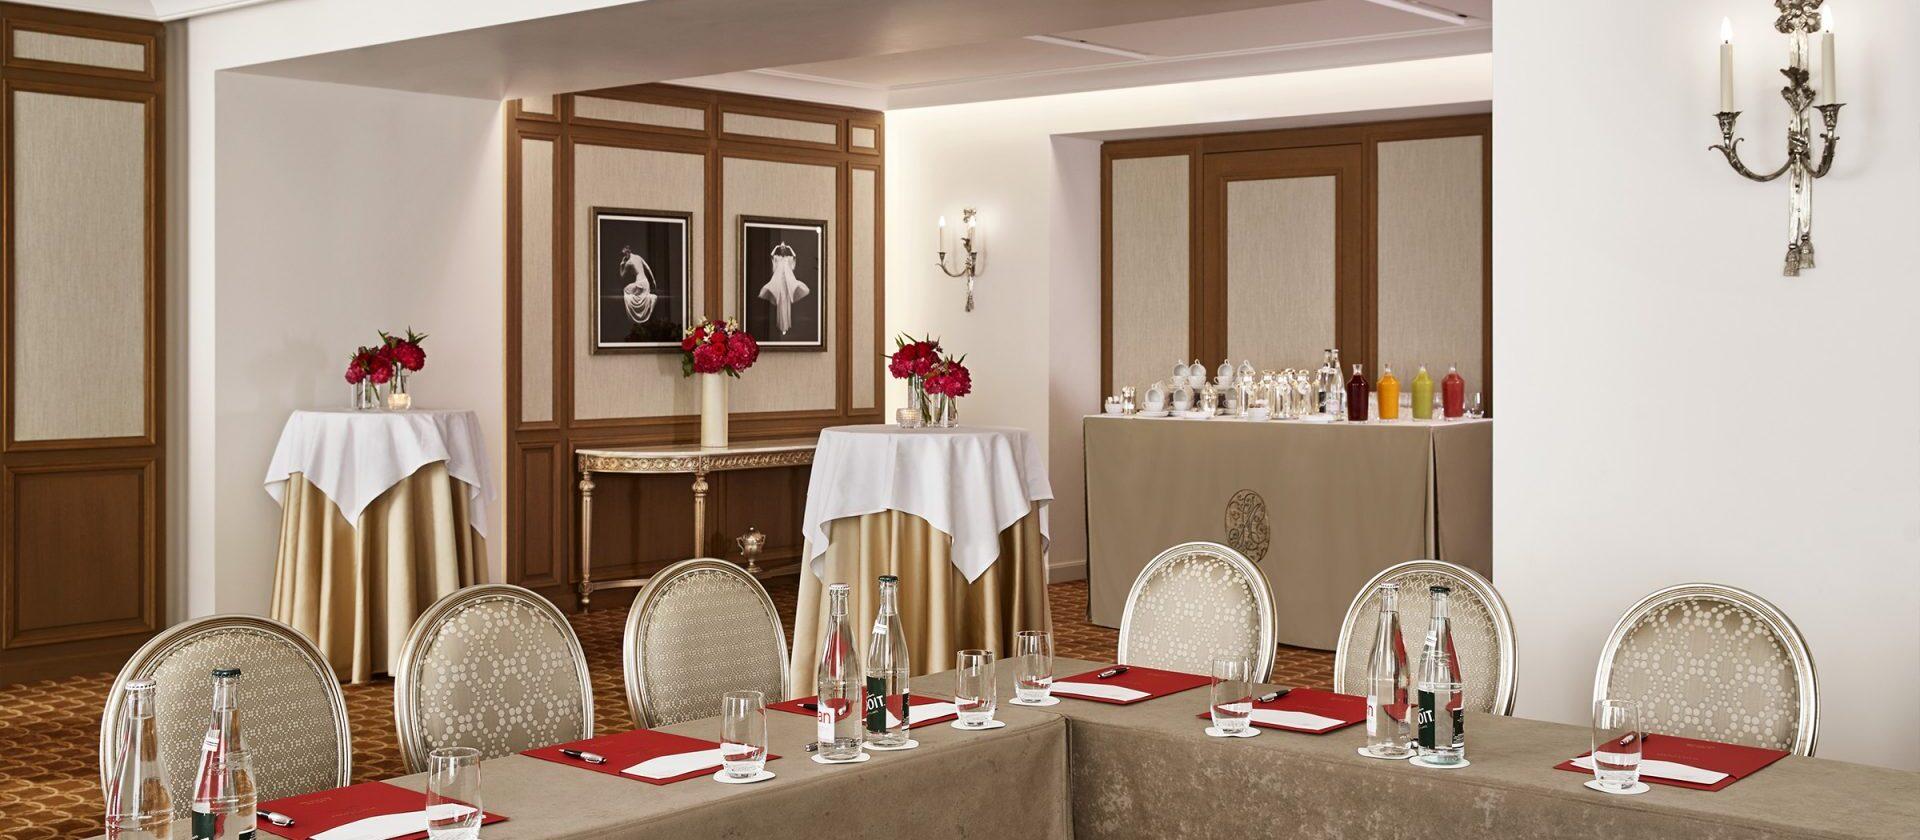 Le salon creation a hotel plaza ath n e dorchester - Salon prestige organza ...